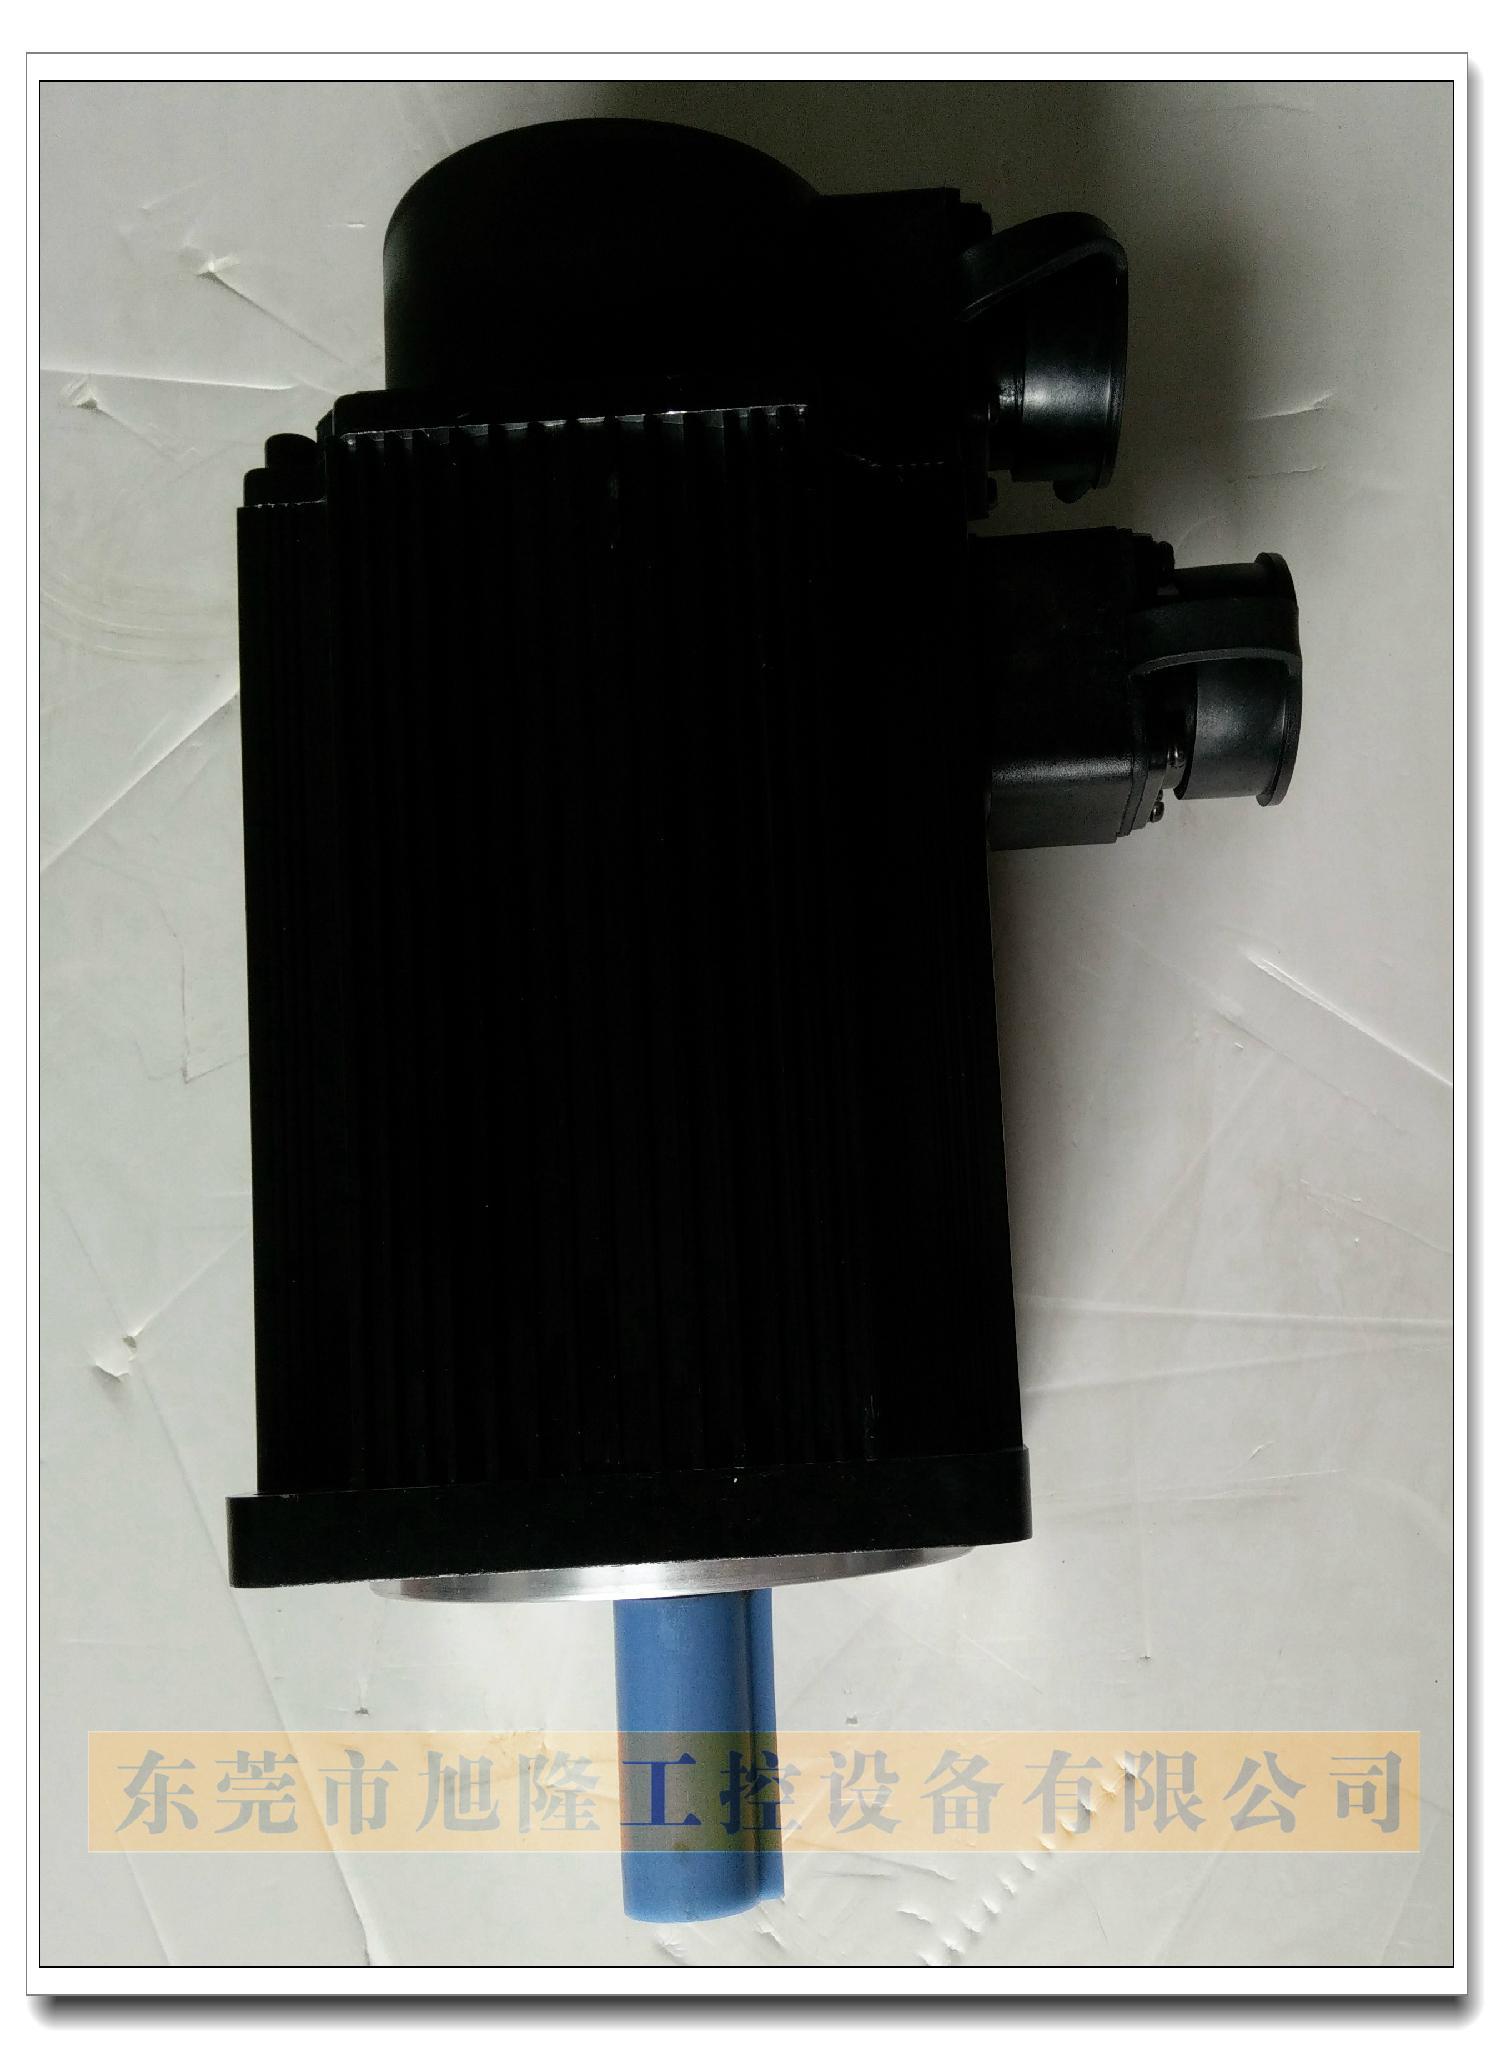 增量式编码器伺服电机 华大伺服 130ST 4N 2500RPM 220V 雕刻机用  3